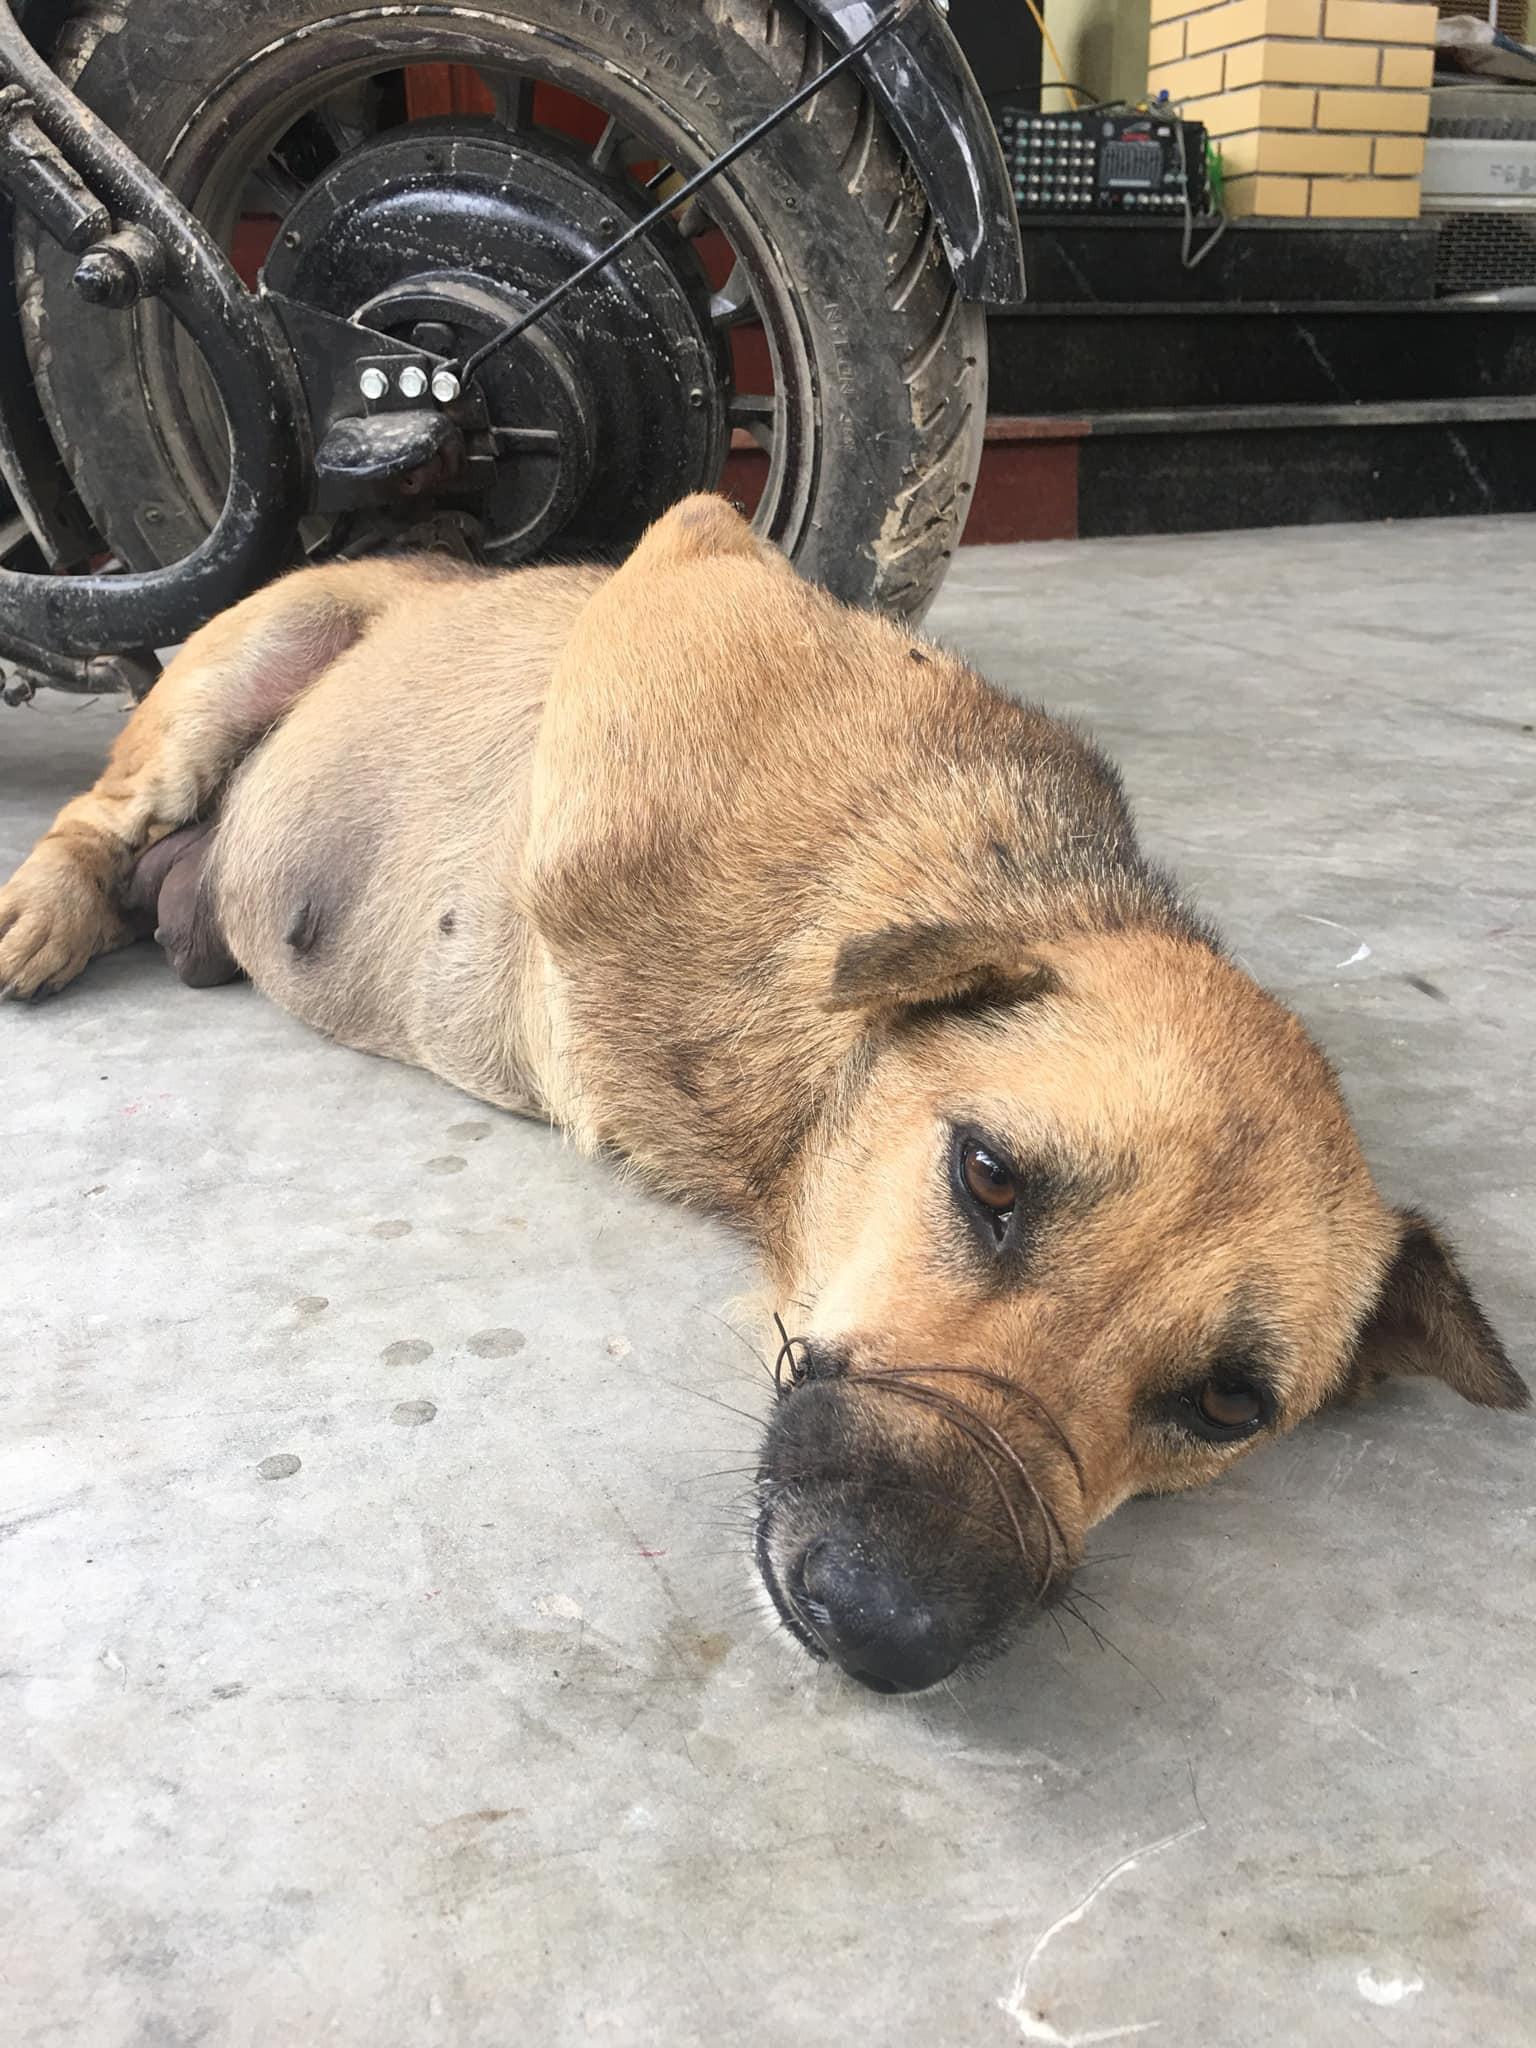 Ánh mắt buồn thiu của chú chó bị trói chân, buộc mõm trước khi bị làm thịt khiến nhiều người xót xa-3